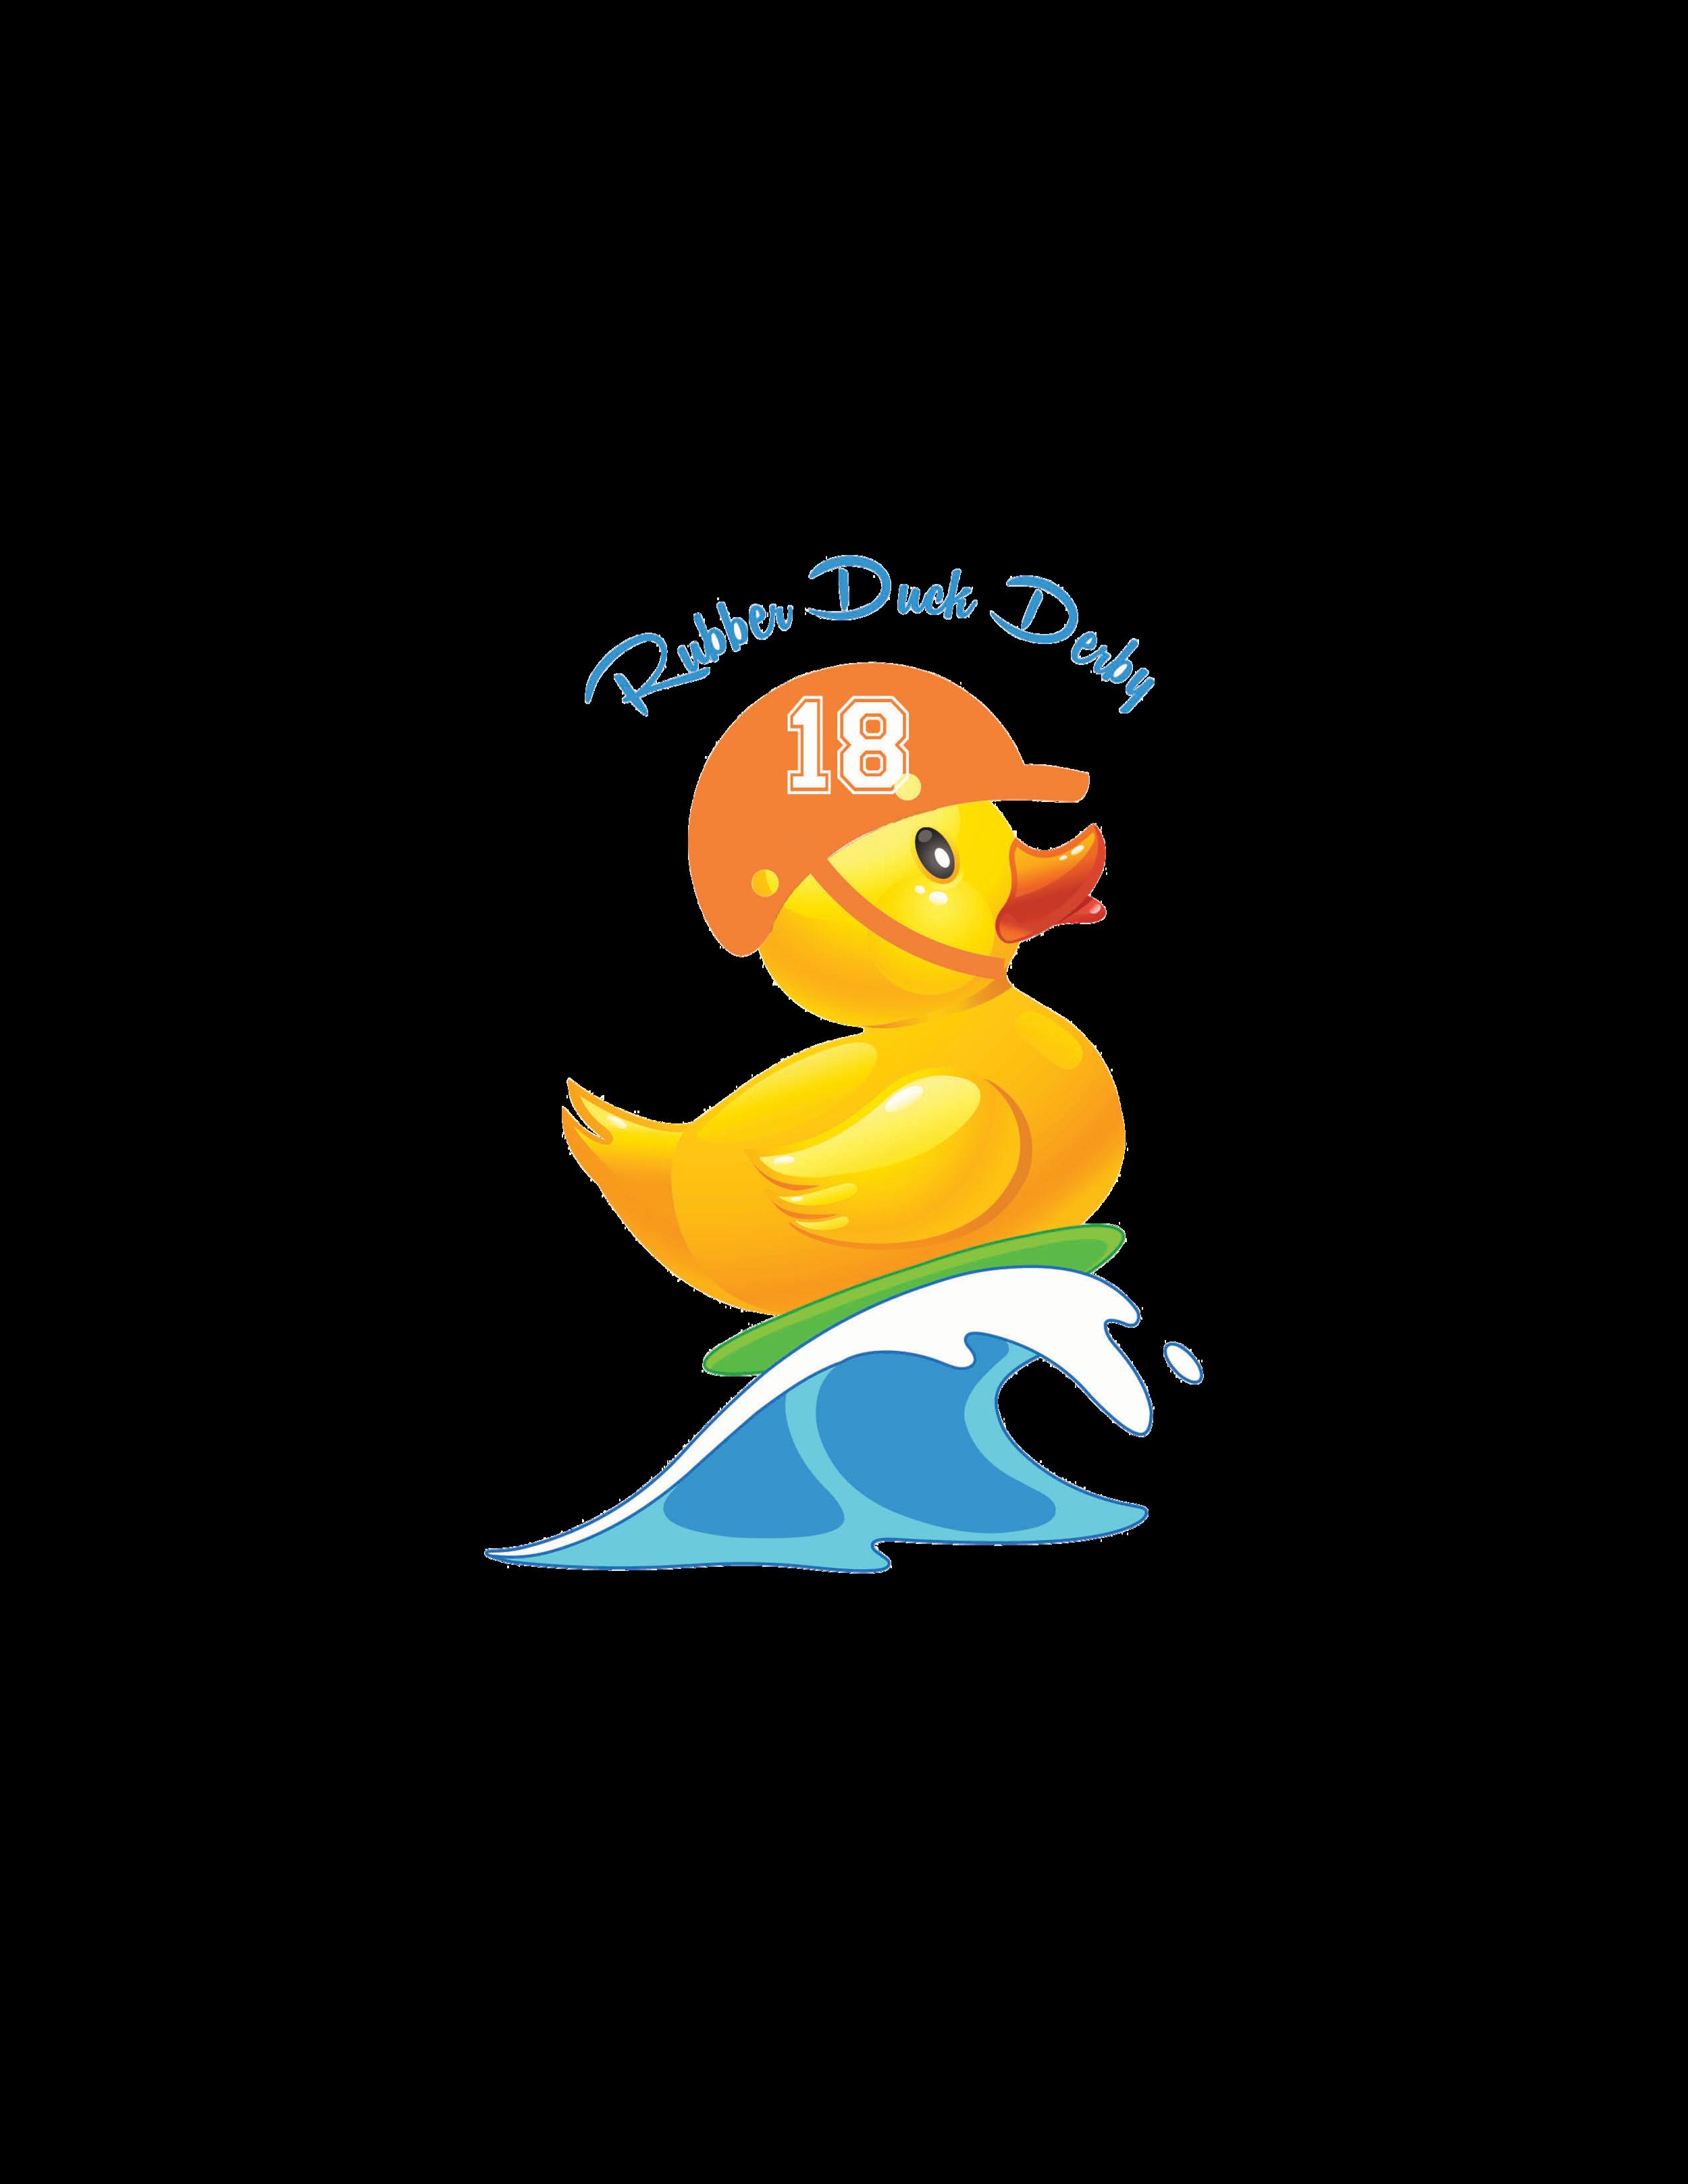 RDD_logo.png